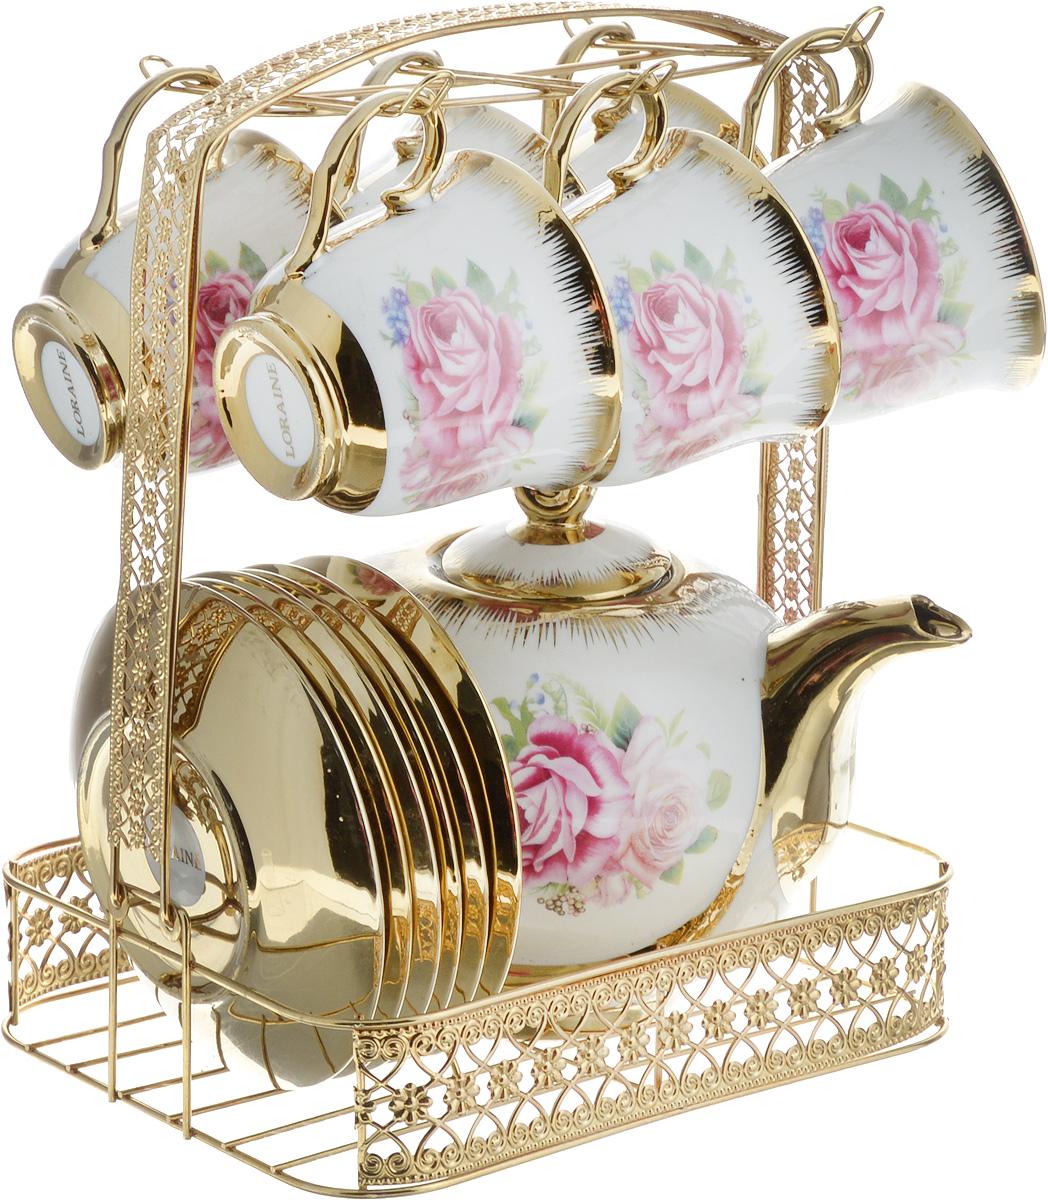 Набор чайный Loraine, на подставке, 14 предметов. 2666826554Чайный набор Loraine состоит из 6 чашек, 6 блюдец, заварочного чайника и подставки. Посуда изготовлена из качественной глазурованной керамики и оформлена изображением цветов. Блюдца и чашки имеют классическую круглую форму. Все предметы располагаются на удобной металлической подставке со съемной ручкой. Чайный набор Loraine идеально подойдет для сервировки стола и станет отличным подарком к любому празднику. Можно использовать в холодильнике и и мыть в посудомоечной машине. Объем чашки: 220 мл. Диаметр чашки (по верхнему краю): 8,7 см. Высота чашки: 7,3 см. Диаметр блюдца: 13,5 см. Высота блюдца: 2 см.Объем чайника: 950 мл. Размер чайника (с учетом ручки, носика и крышки): 21 х 12,5 х 15,5 см. Размер подставки (с учетом ручки): 21 х 18 х 26,5 см.